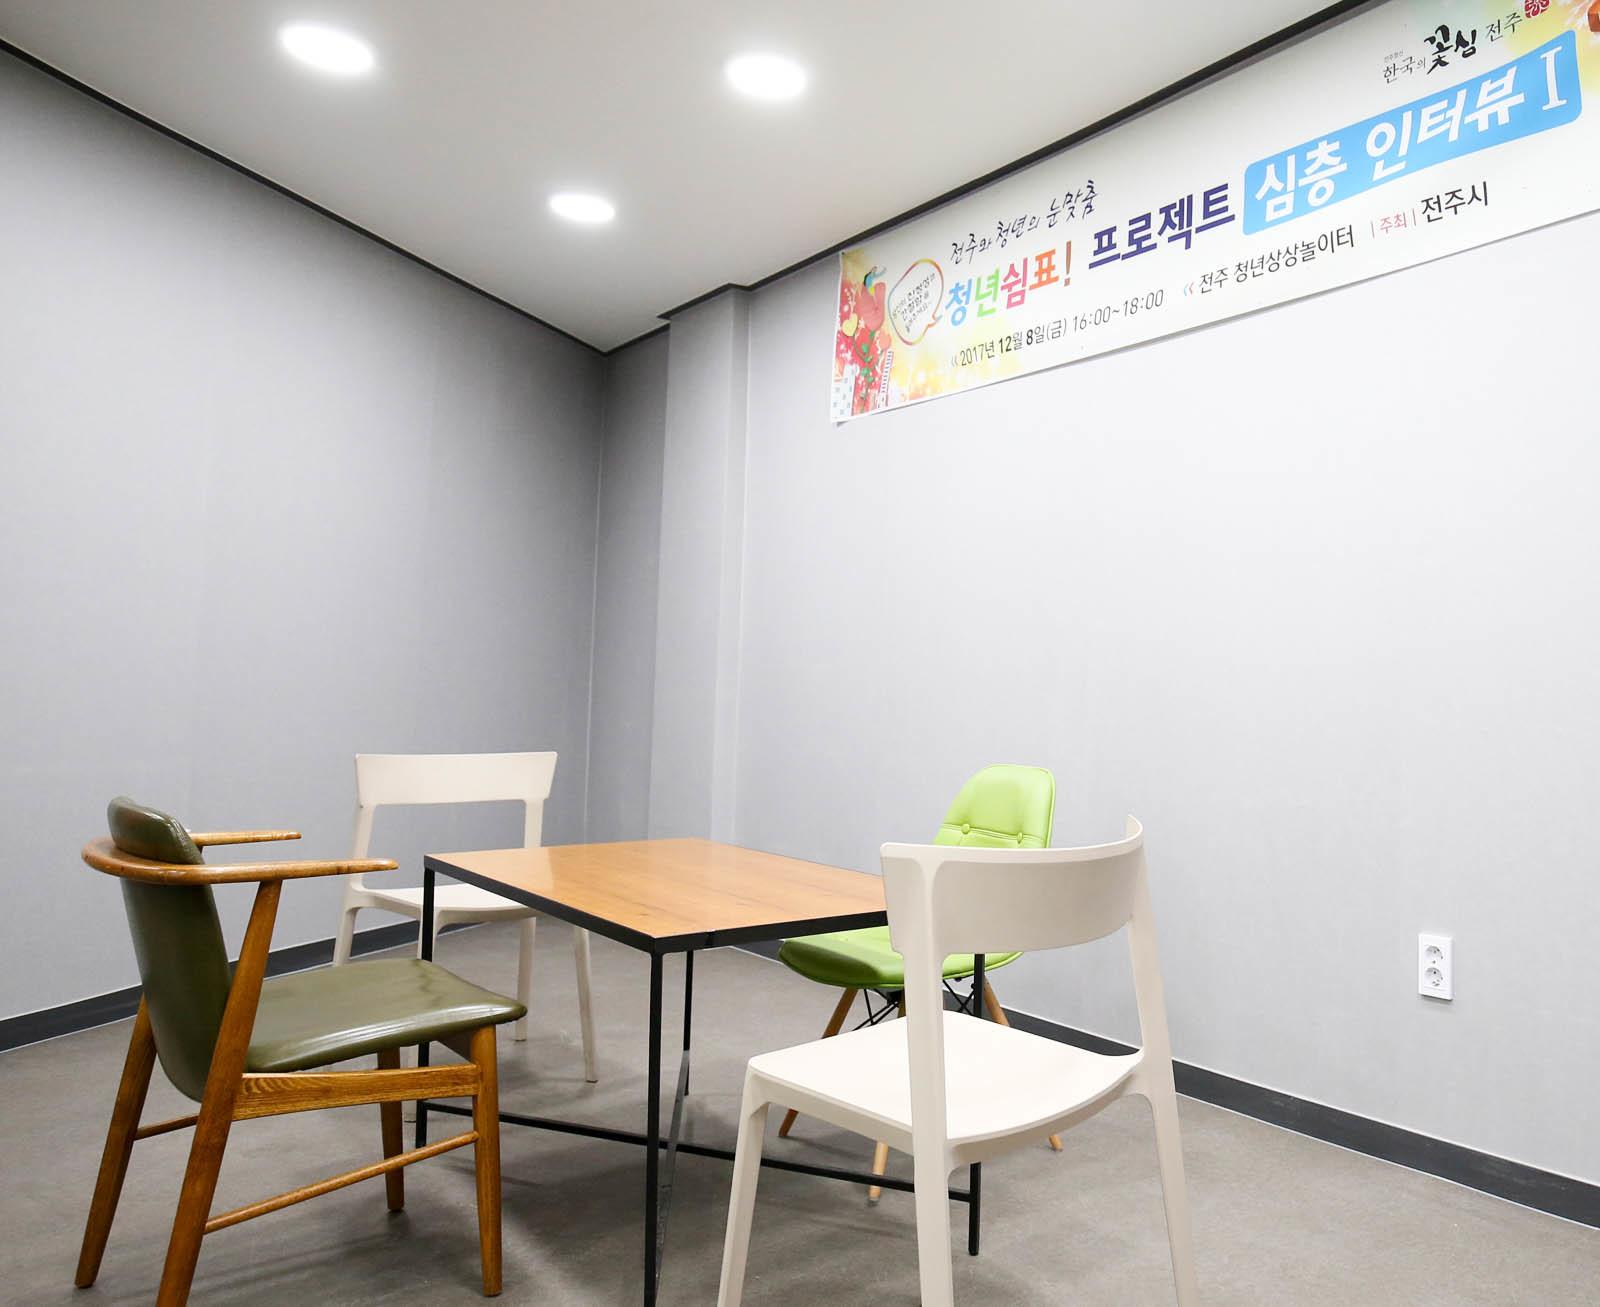 '청년상상놀이터' 2층에 마련된 소모임 및 회의 장소. 프리랜서 장정필